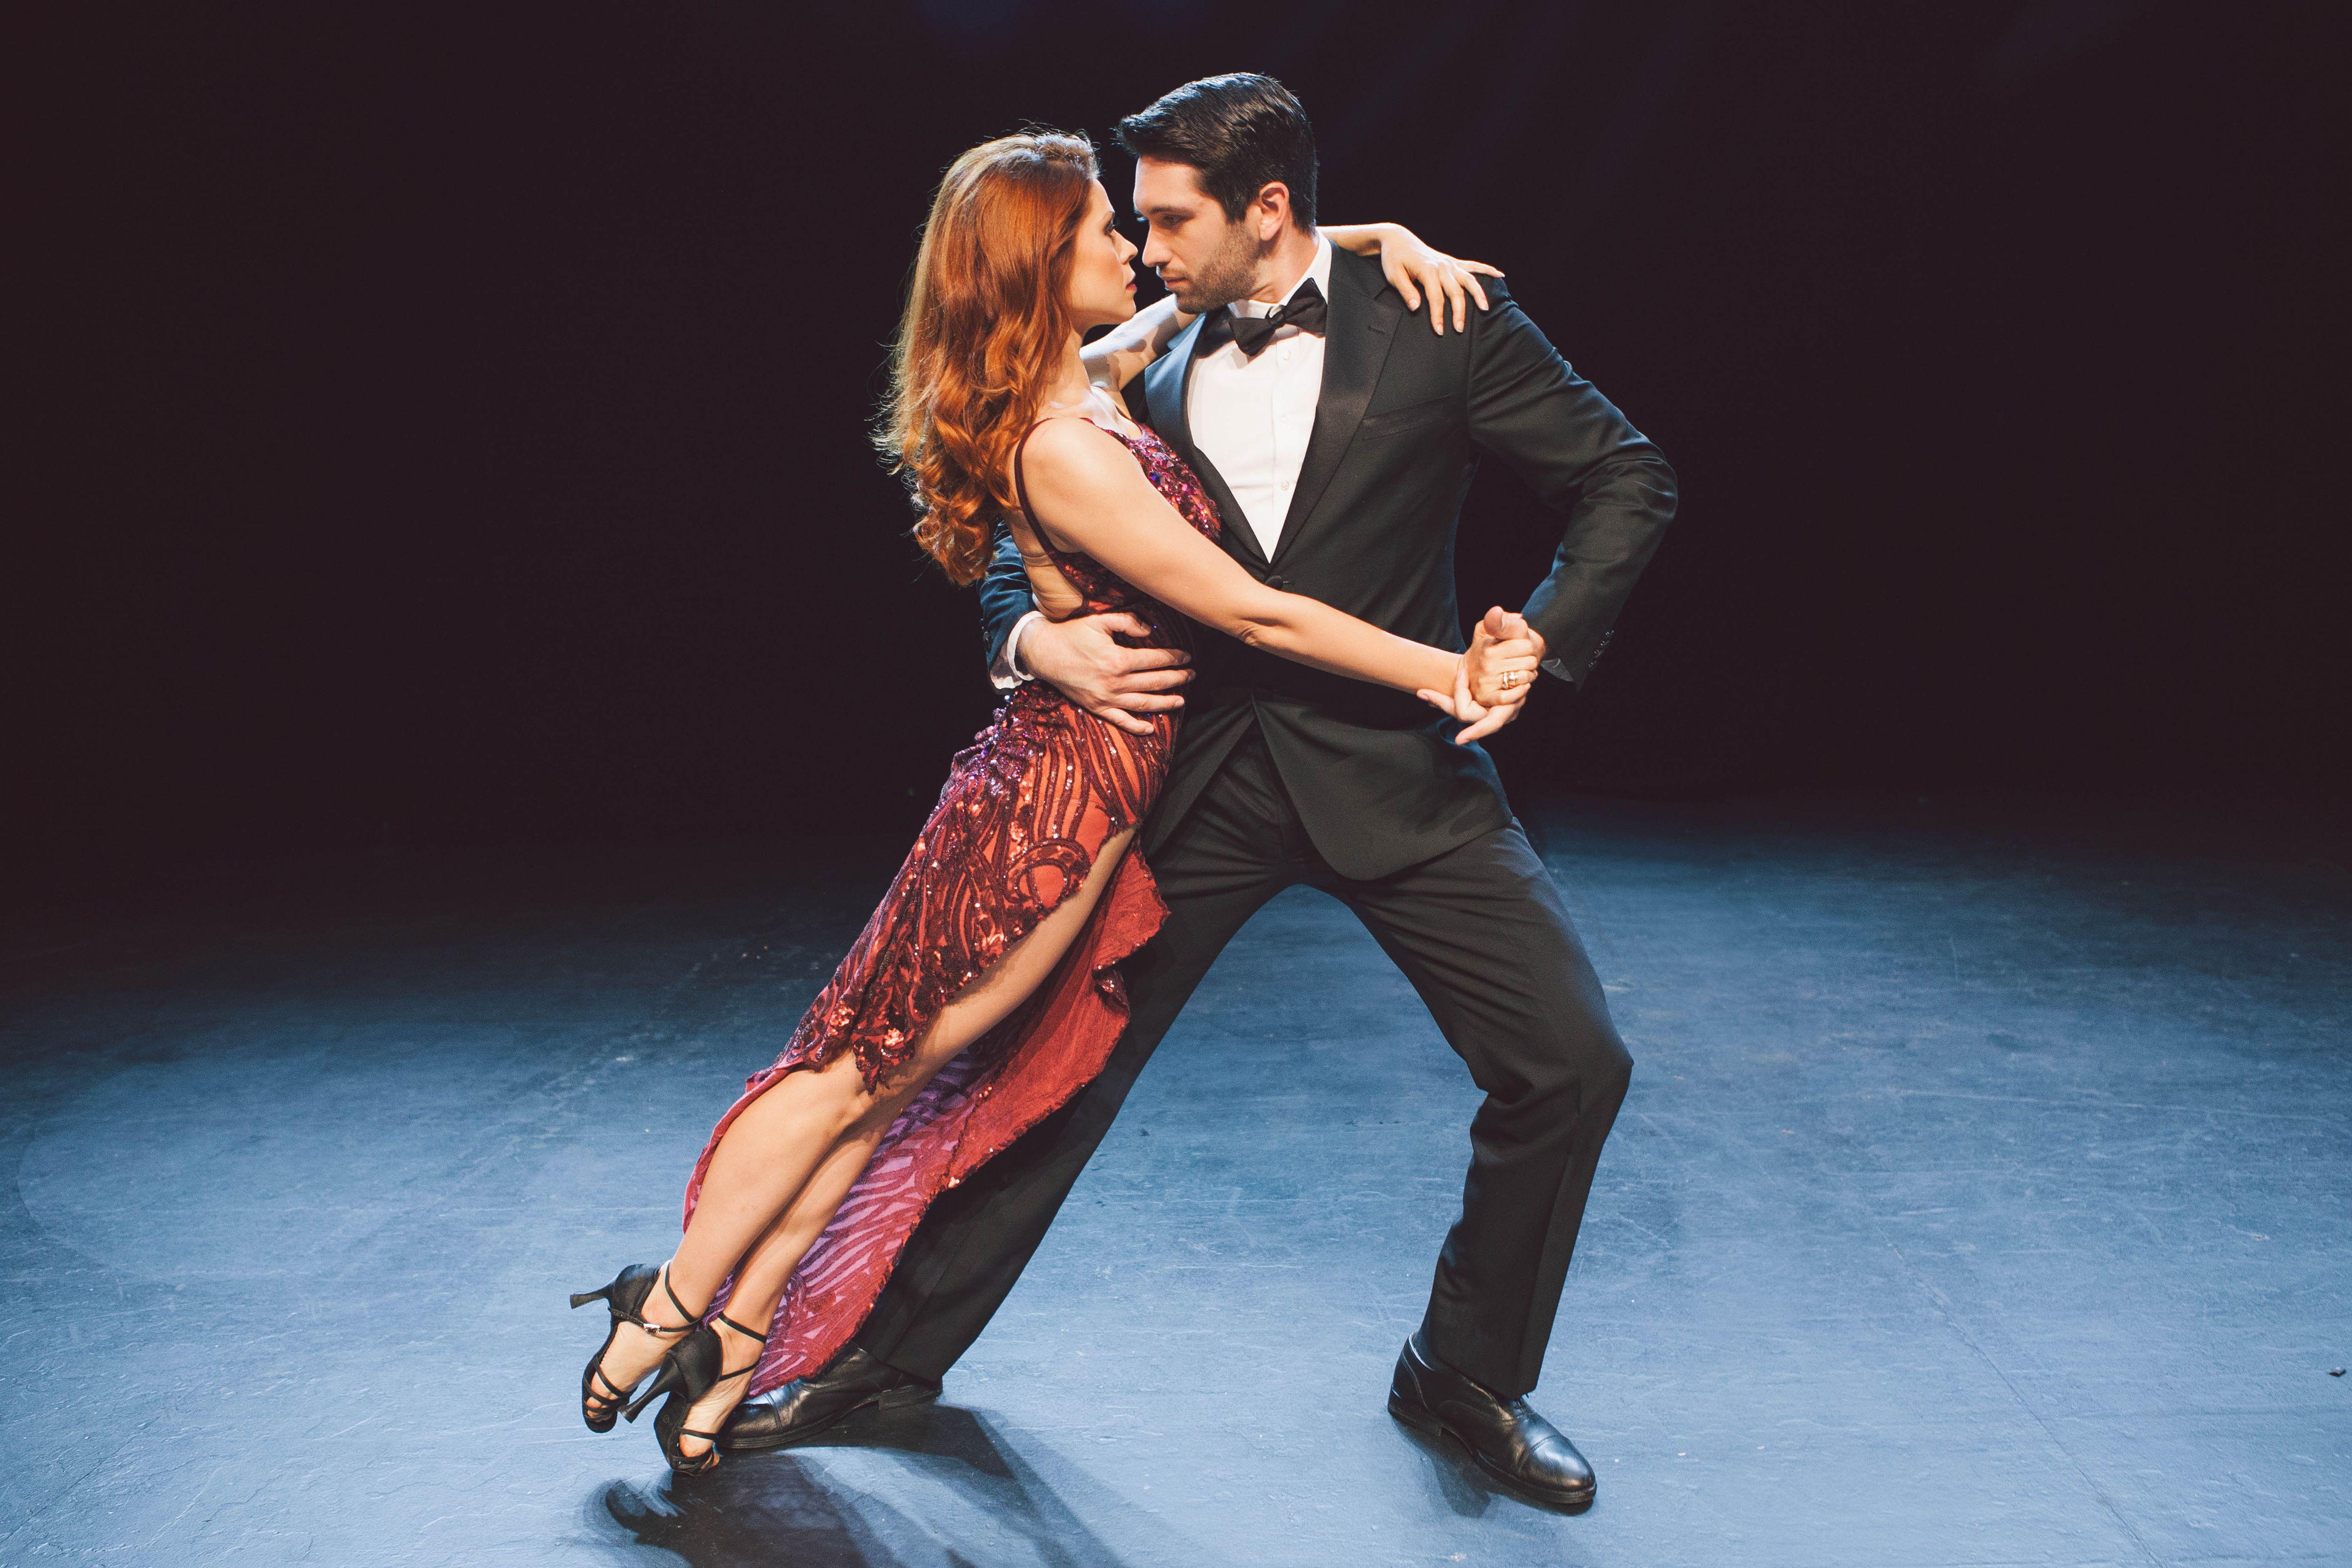 аргентинское танго картинки помощью